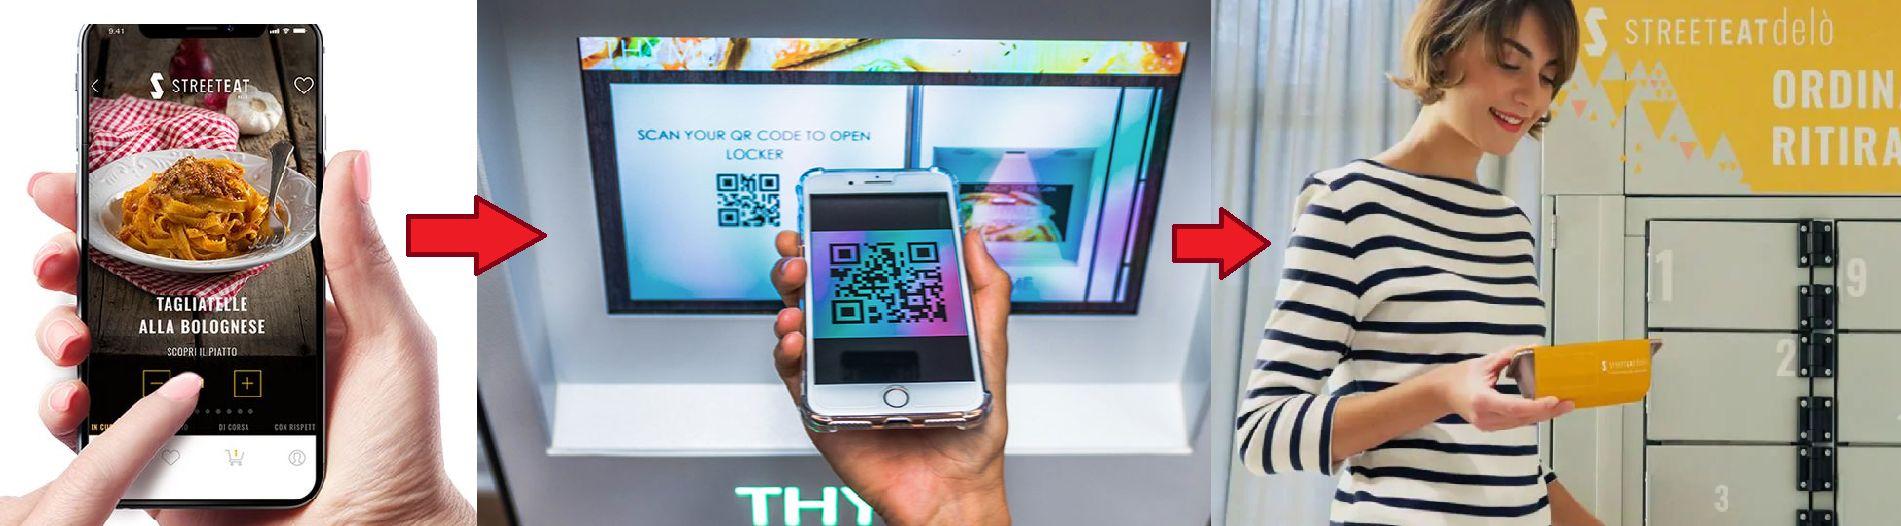 Scarica l'app, ordina e ritira: ecco come funziona uno smart locker